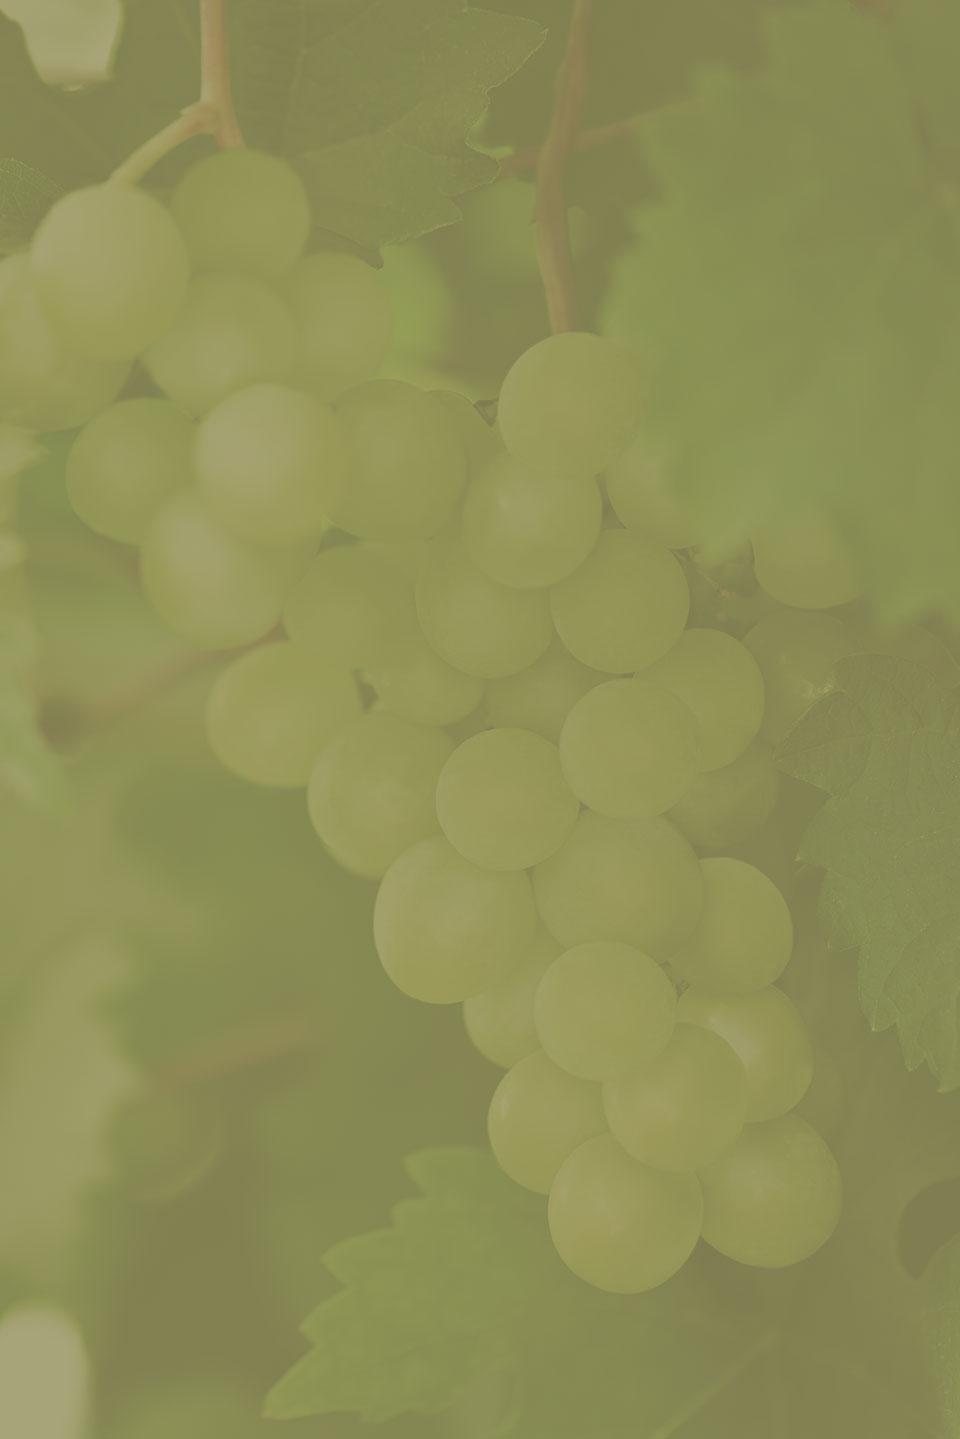 Preload Vineyards image